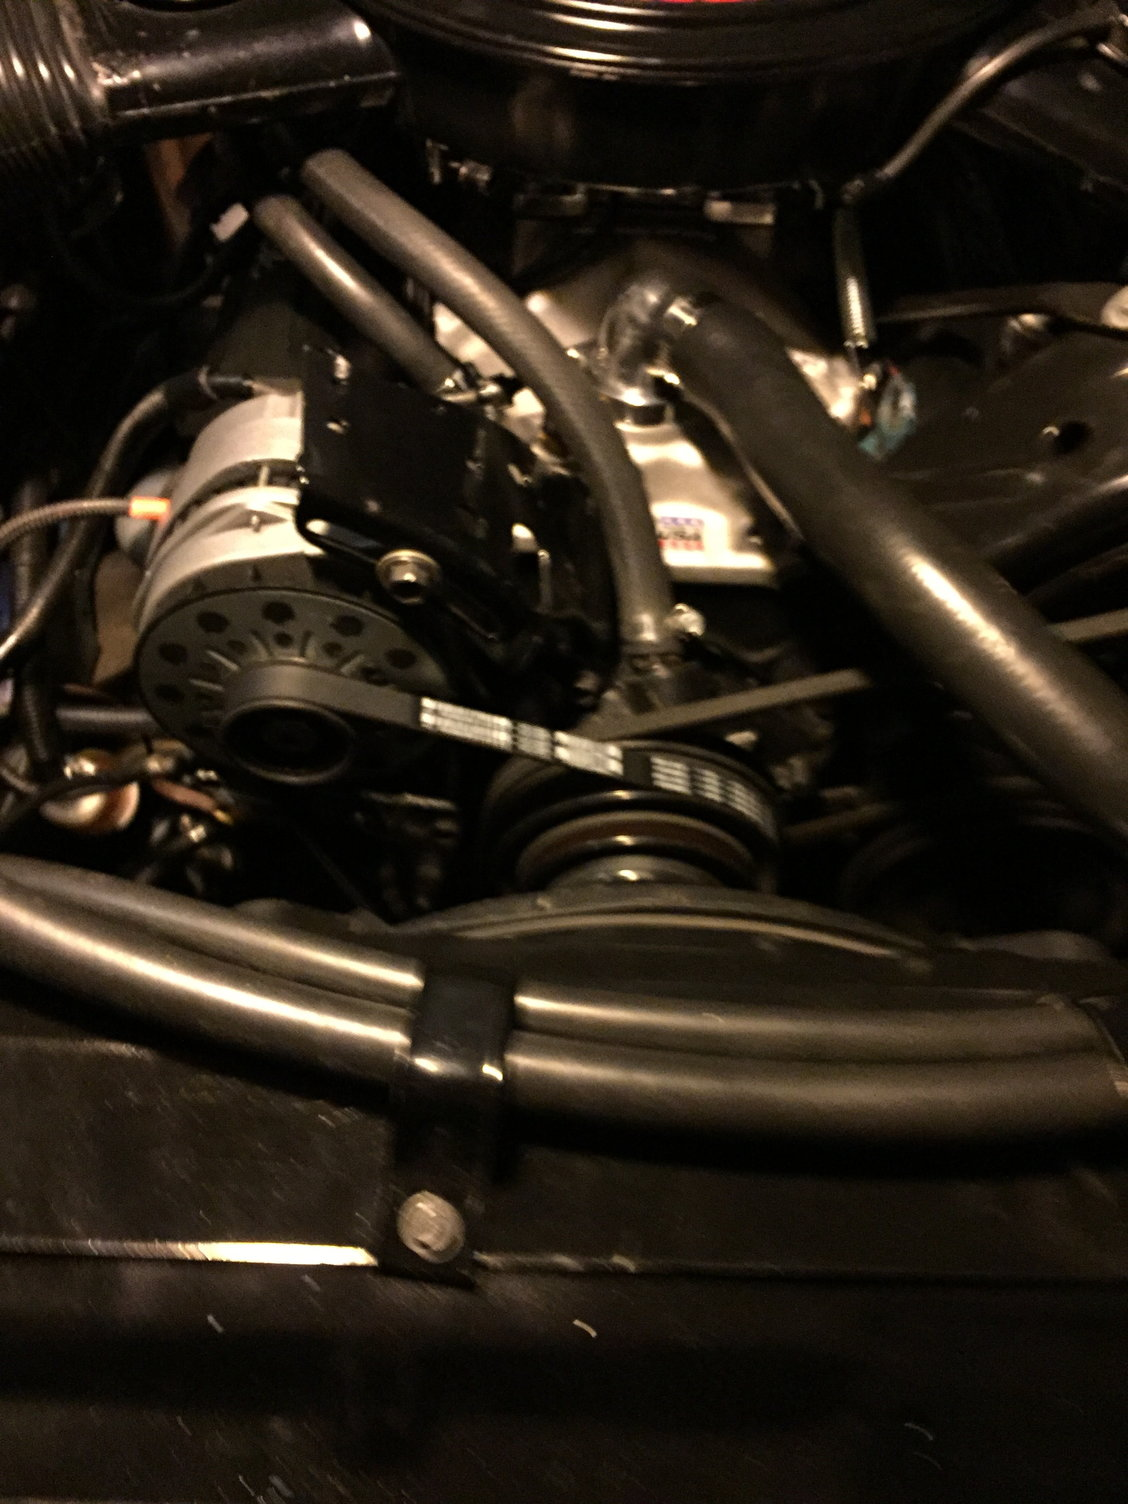 Wire Gm Alternator Wiring Diagram Besides 1968 Chevy Starter Wiring